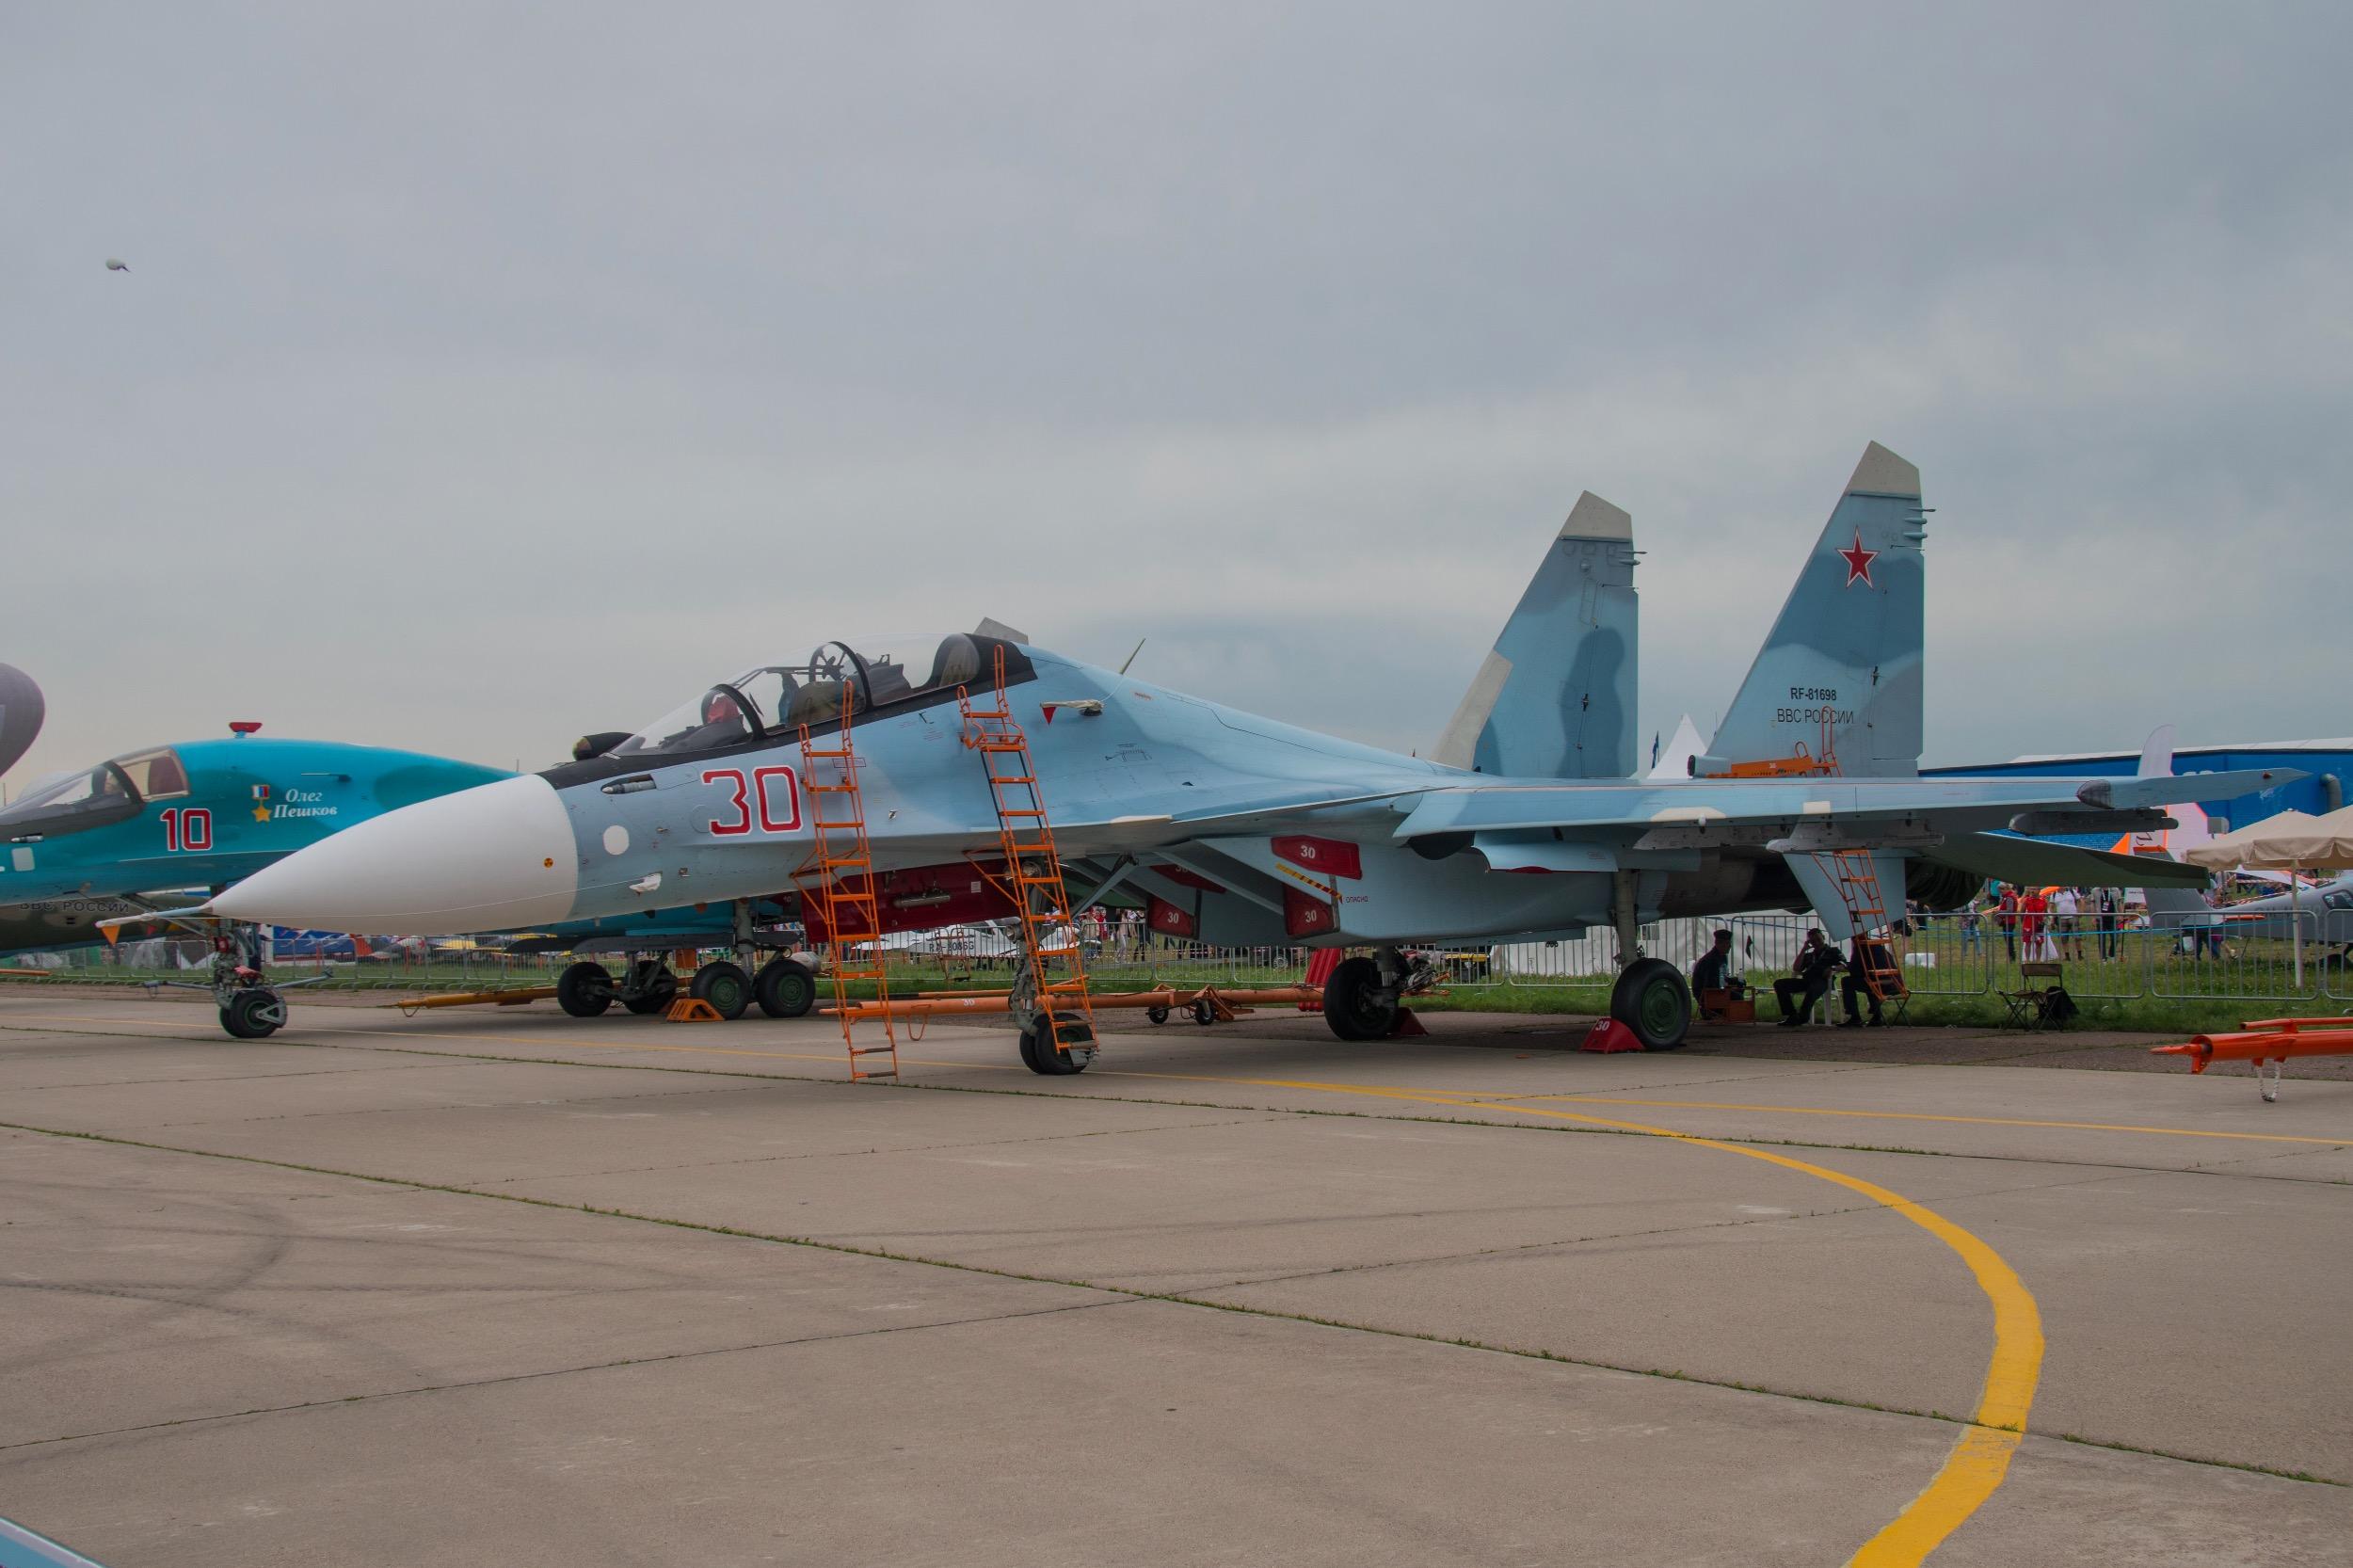 Sukhoi Su-30 SM, 30 rouge. Appareil ayant particié aux opérations en Syrie avec ses frères 27 et 28 rouge ...